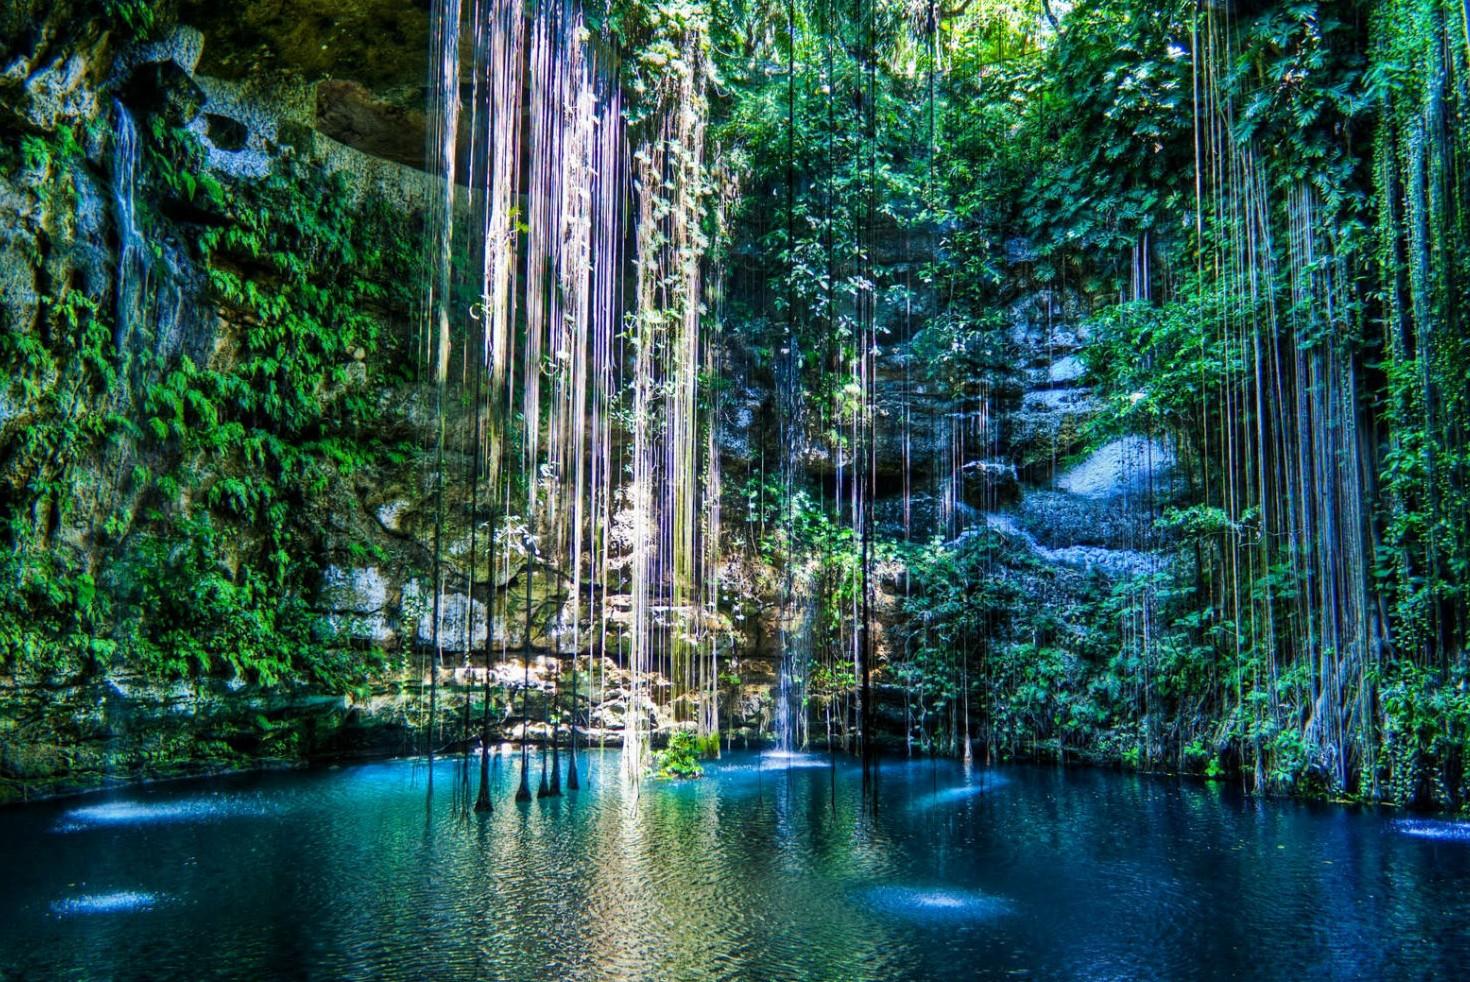 De 5 mooiste natuurlijke zwembaden ter wereld - Ik Kil in Mexico